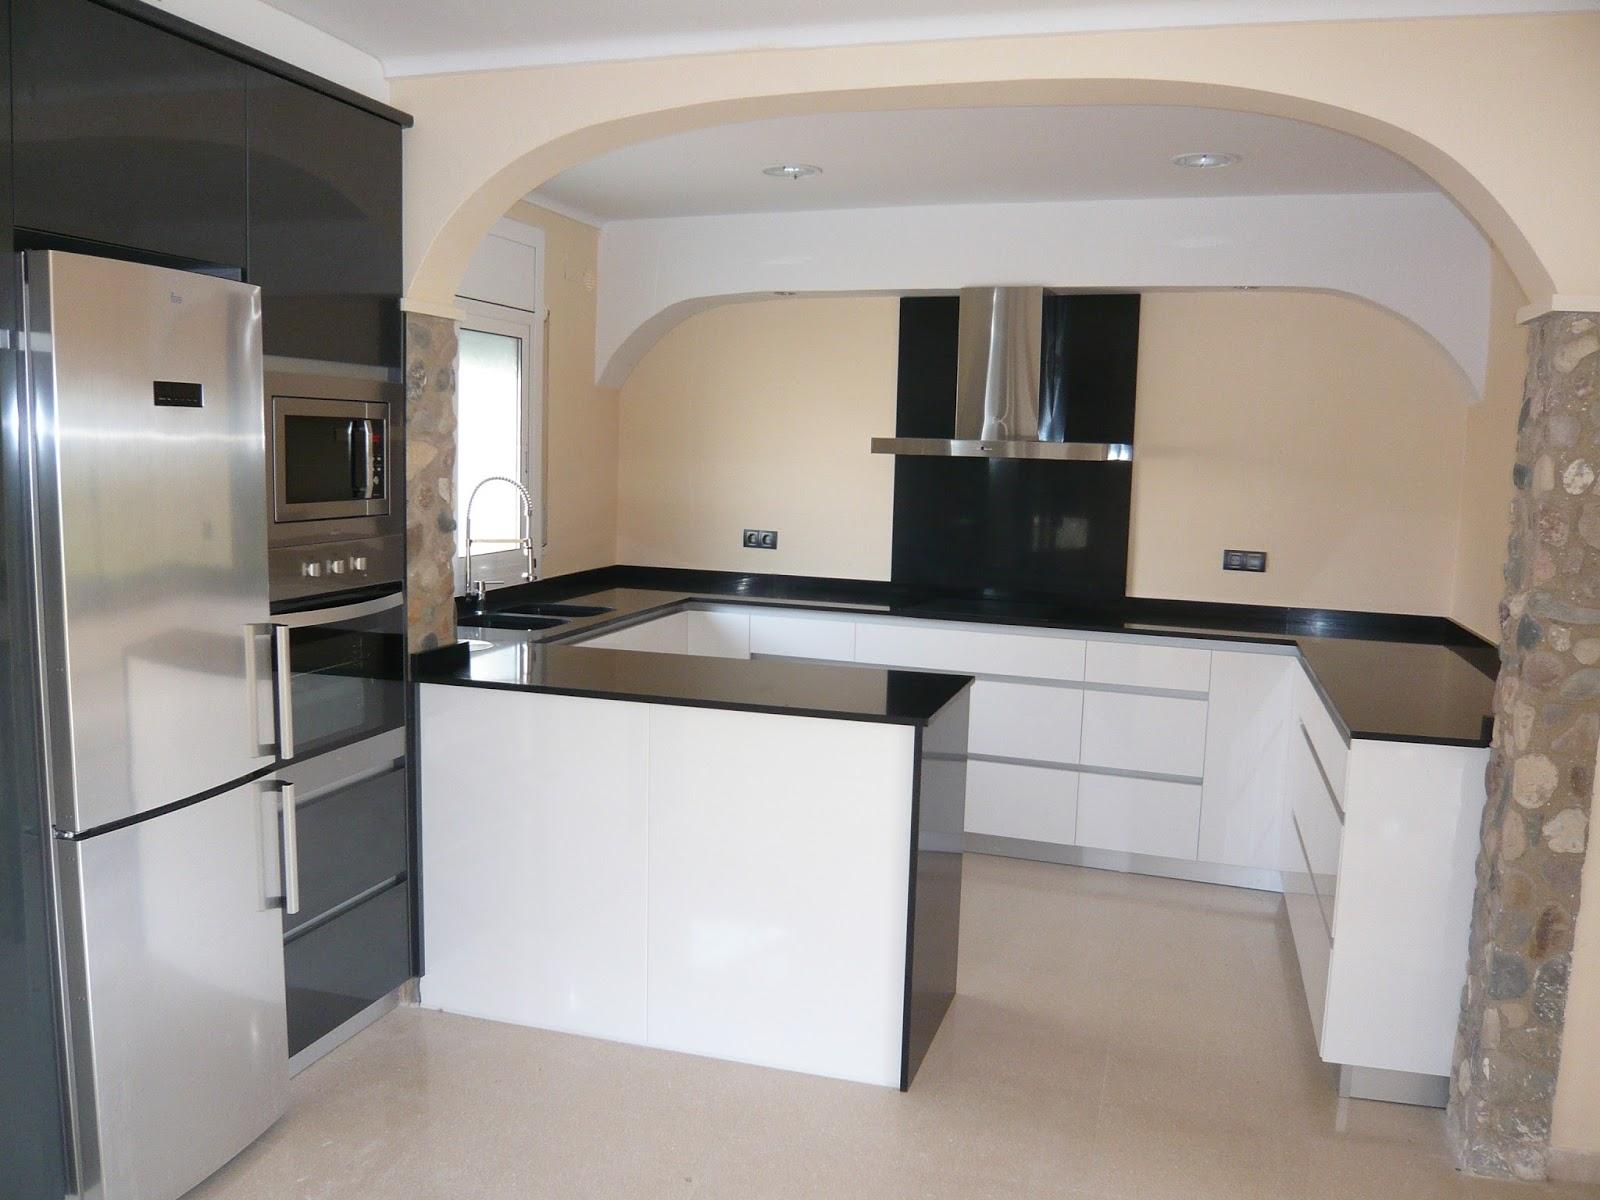 Reuscuina muebles de cocina sin tiradores con isla - Muebles isla cocina ...